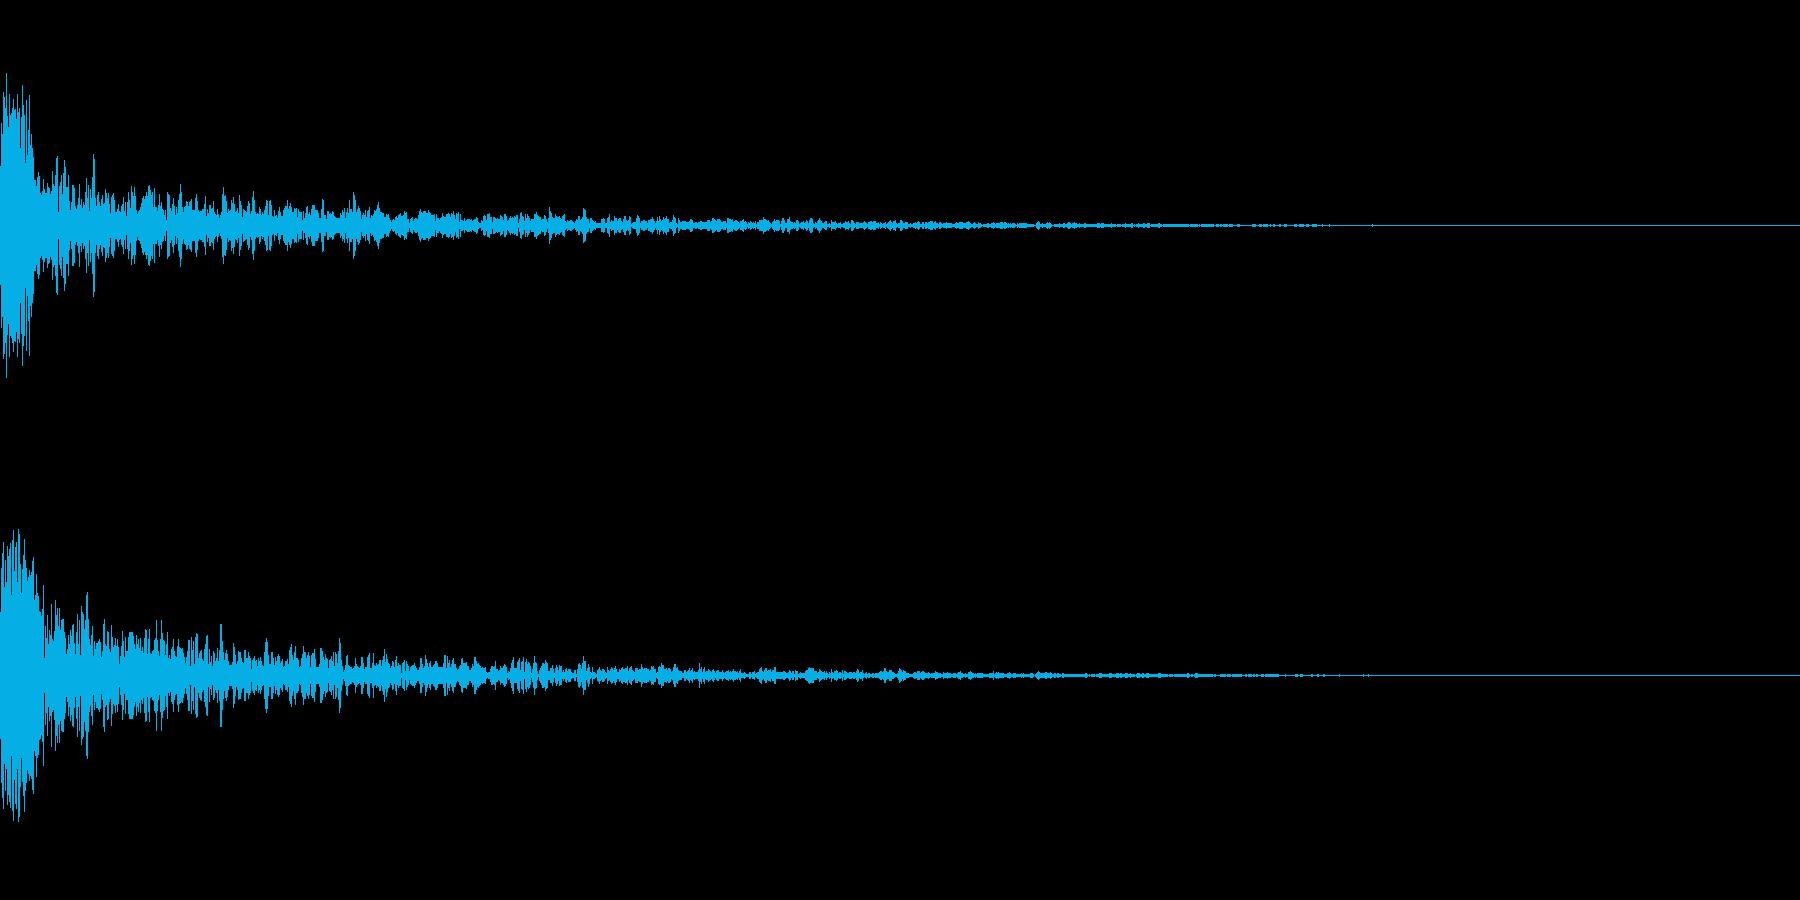 ドーン-26-1(インパクト音)の再生済みの波形